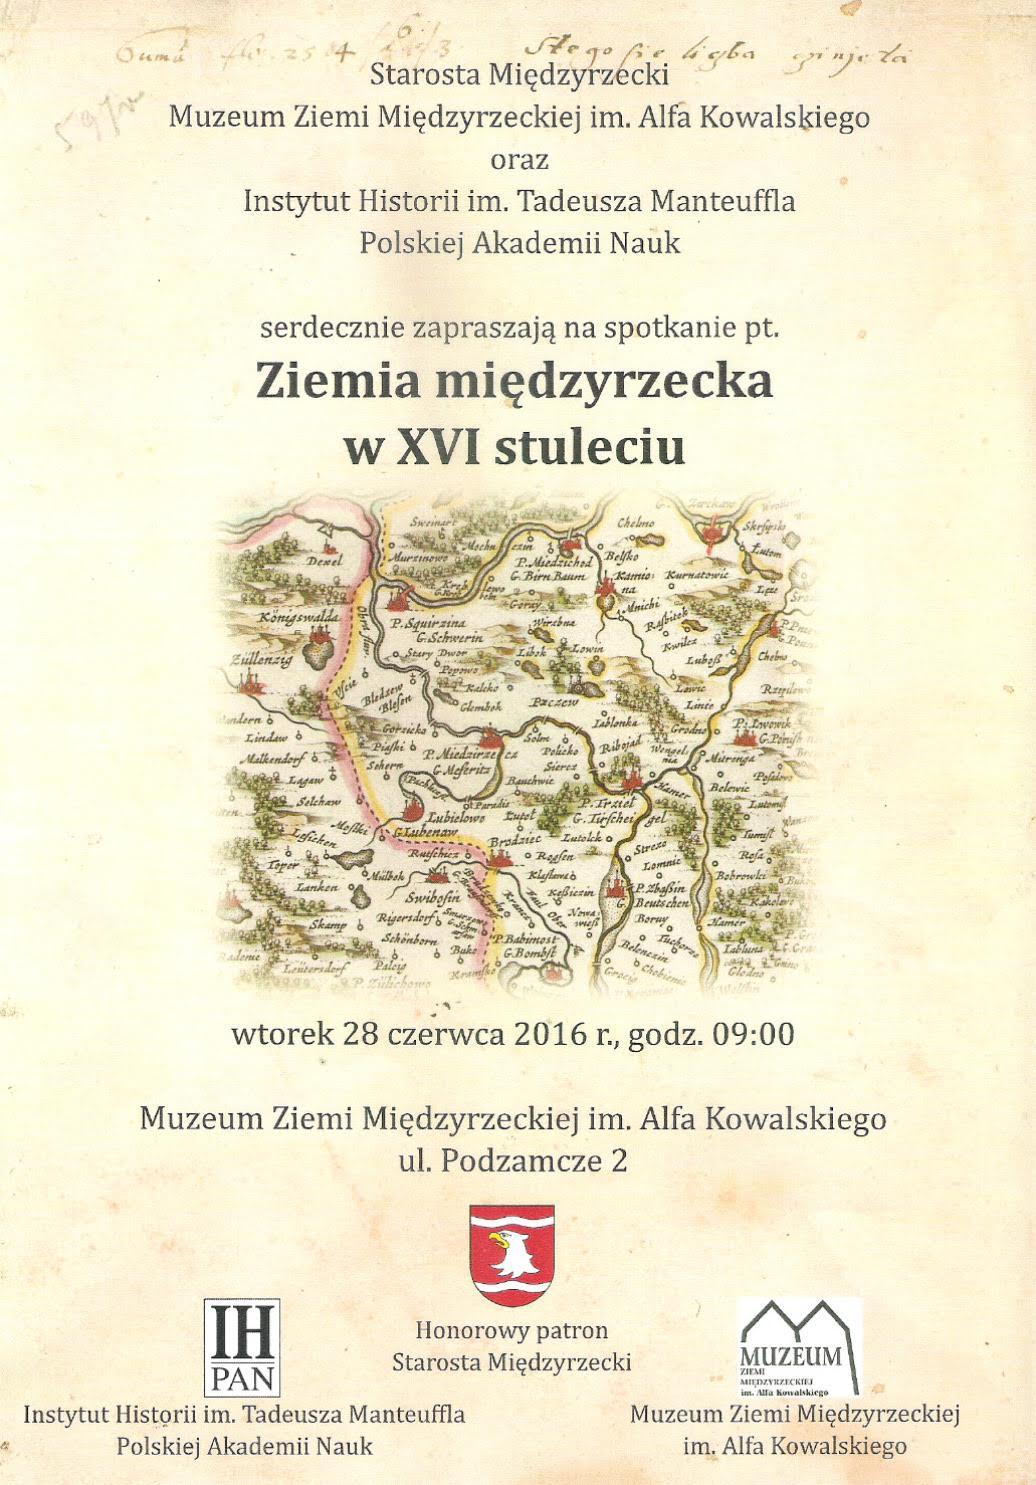 28 czerwca 2016 r. zapraszamy do Międzyrzecza na spotkanie pt. Ziemia Międzyrzecka w XVI stuleciu